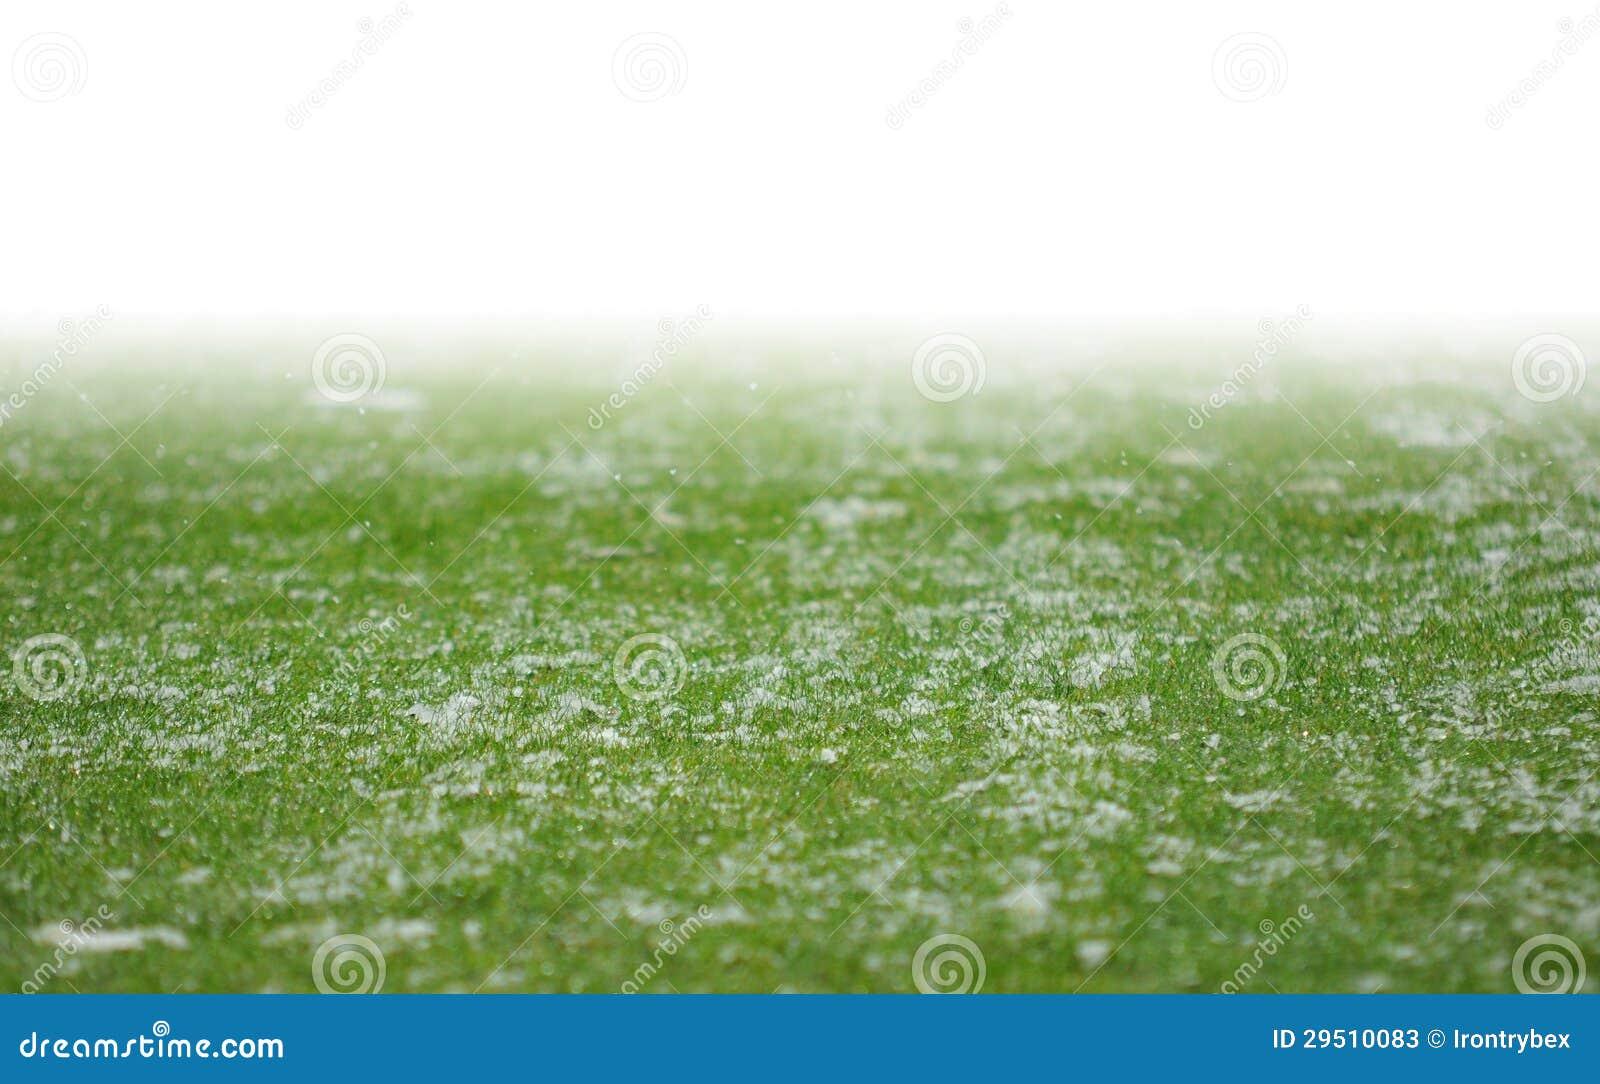 Sneeuw op voetbalhoogte